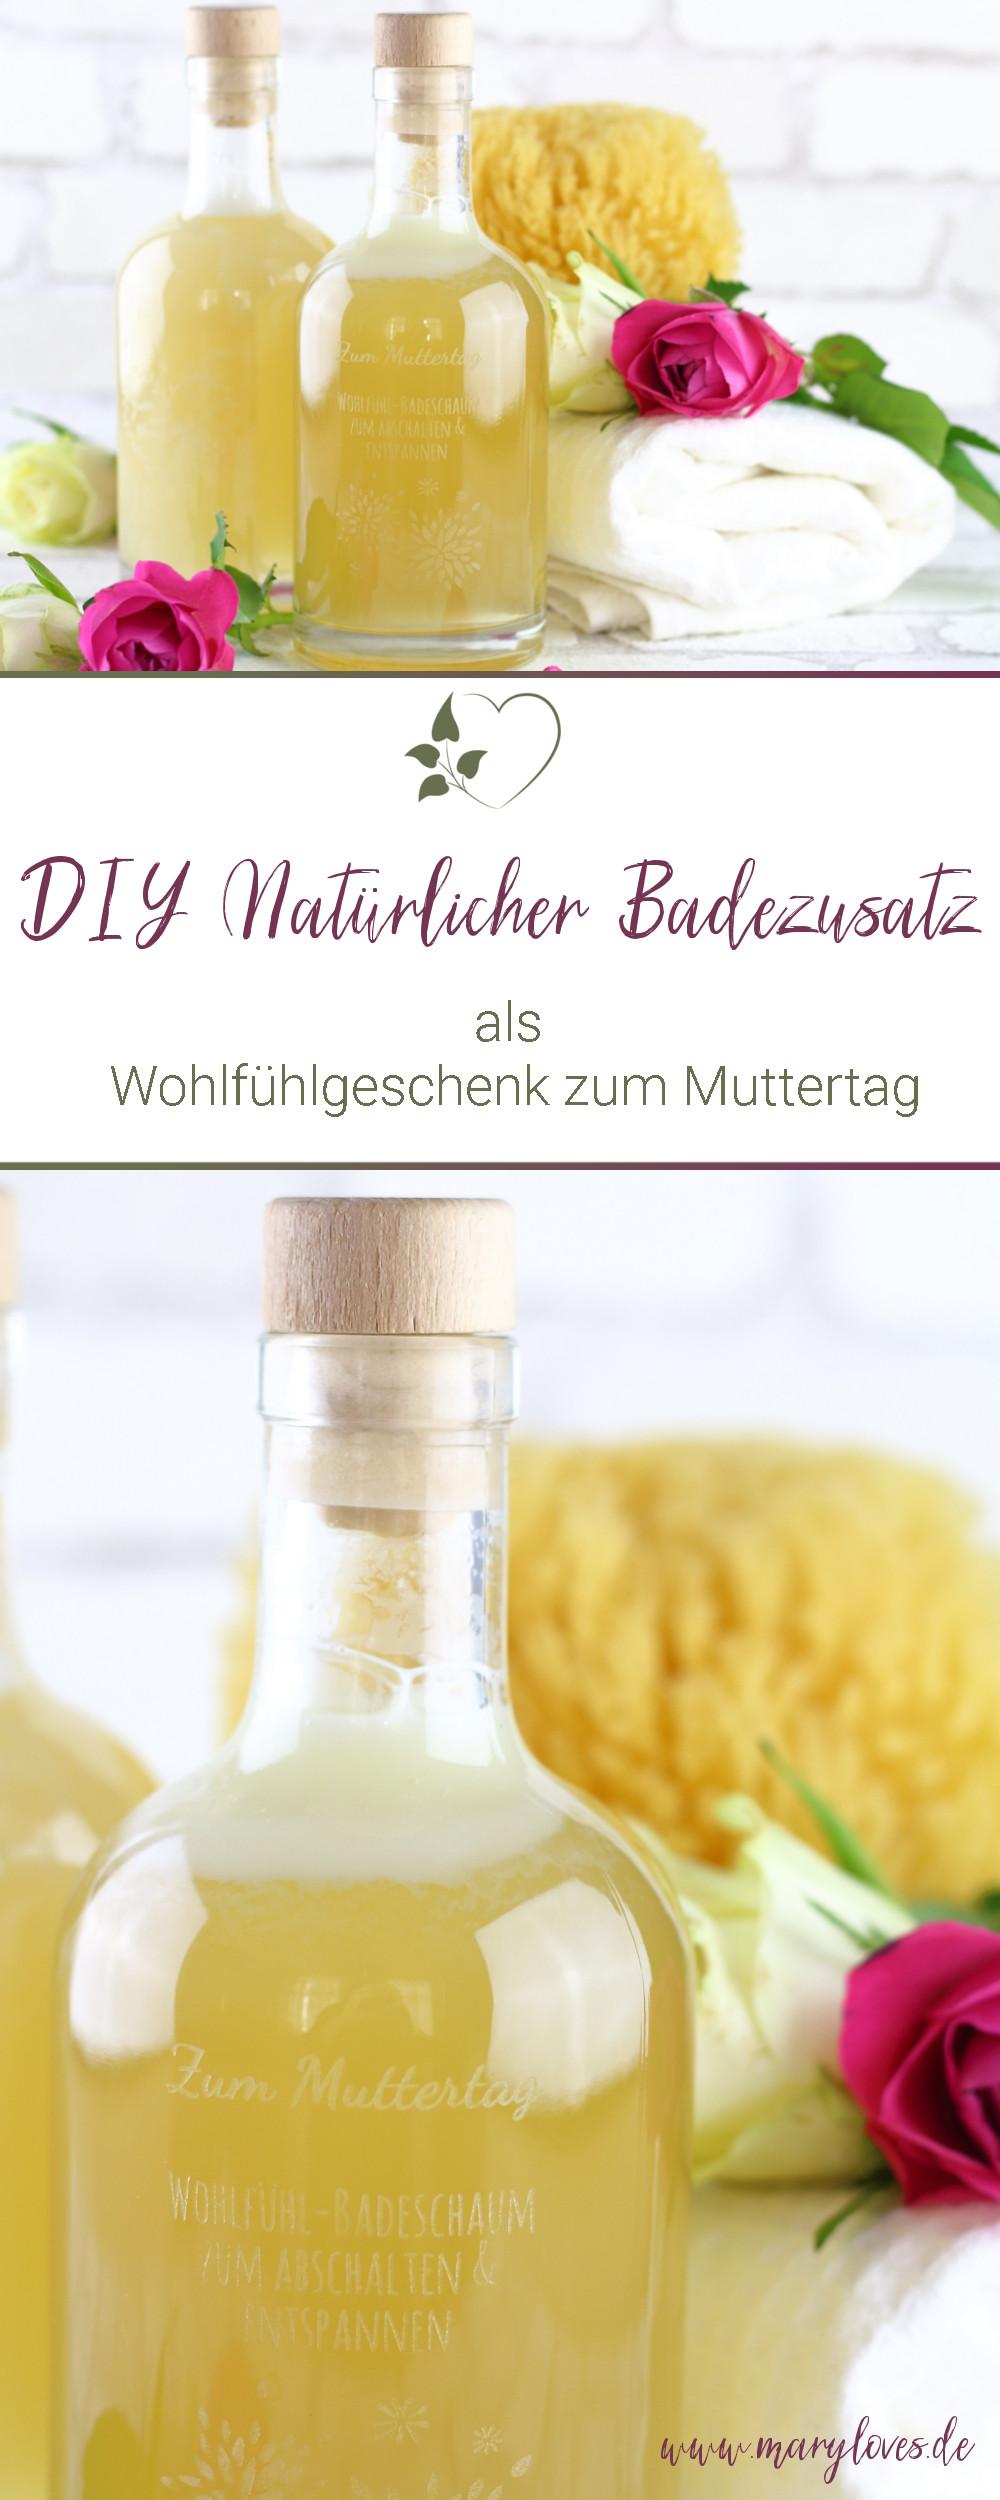 DIY Natürlicher Badezusatz als Geschenkidee zum Muttertag - #diybadezusatz #diybadeschaum #muttertag #muttertagsgeschenk #natürlicherbadezusatz #geschenkidee #diygeschenk